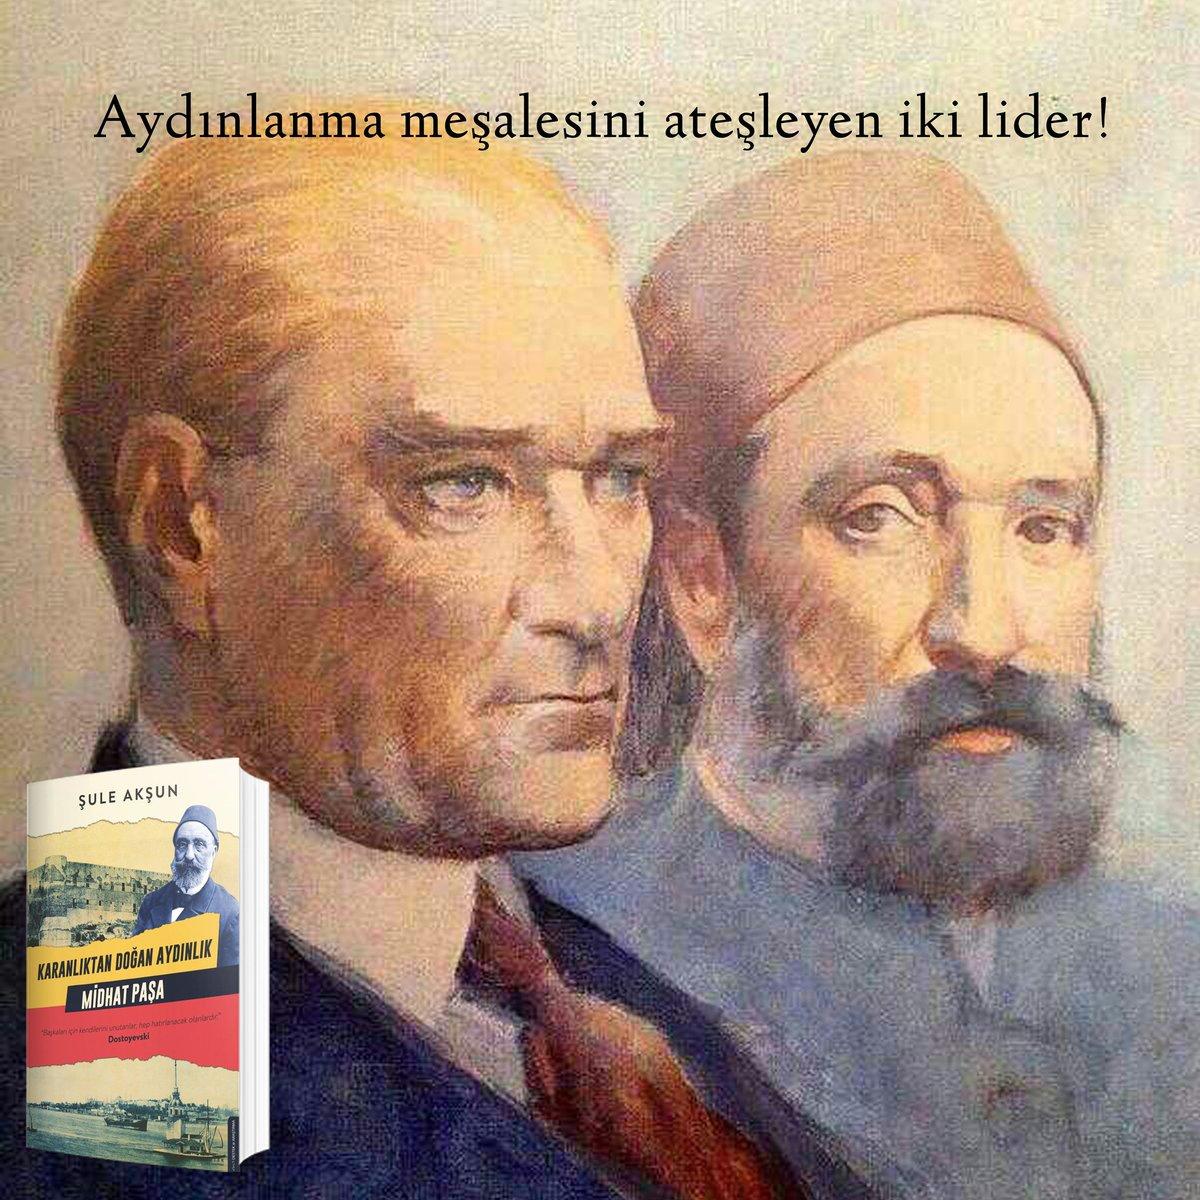 Bu ülke aydınlara atılan taşlarla inşa edilmiştir. Mithat Paşa'dan Atatürk'e tüm aydınlanmacılar ülkelerinin ilerlemesi için canlarını bile feda etmekten çekinmemişlerdir.Mithat Paşa'ın hayatını,yaptıklarını roman dilinde,soluk soluğa okuyacağınız bir roman ile karşınızdayız https://t.co/LBnMPIyZLq